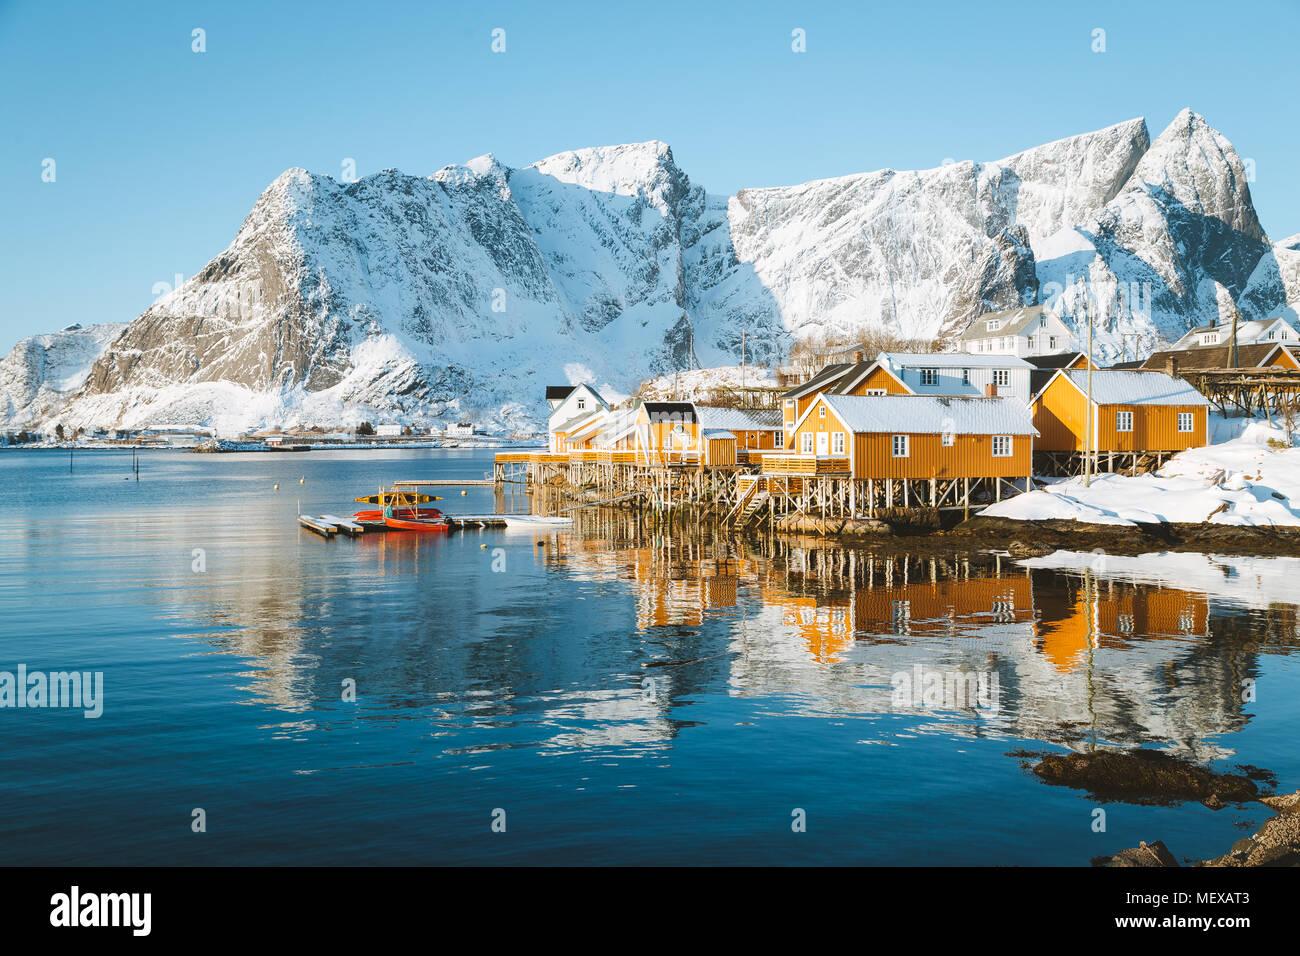 El archipiélago de las Islas Lofoten escénico paisaje invernal con el tradicional amarillo pescador Rorbuer cabañas en la villa histórica de Sakrisoy, Noruega Imagen De Stock